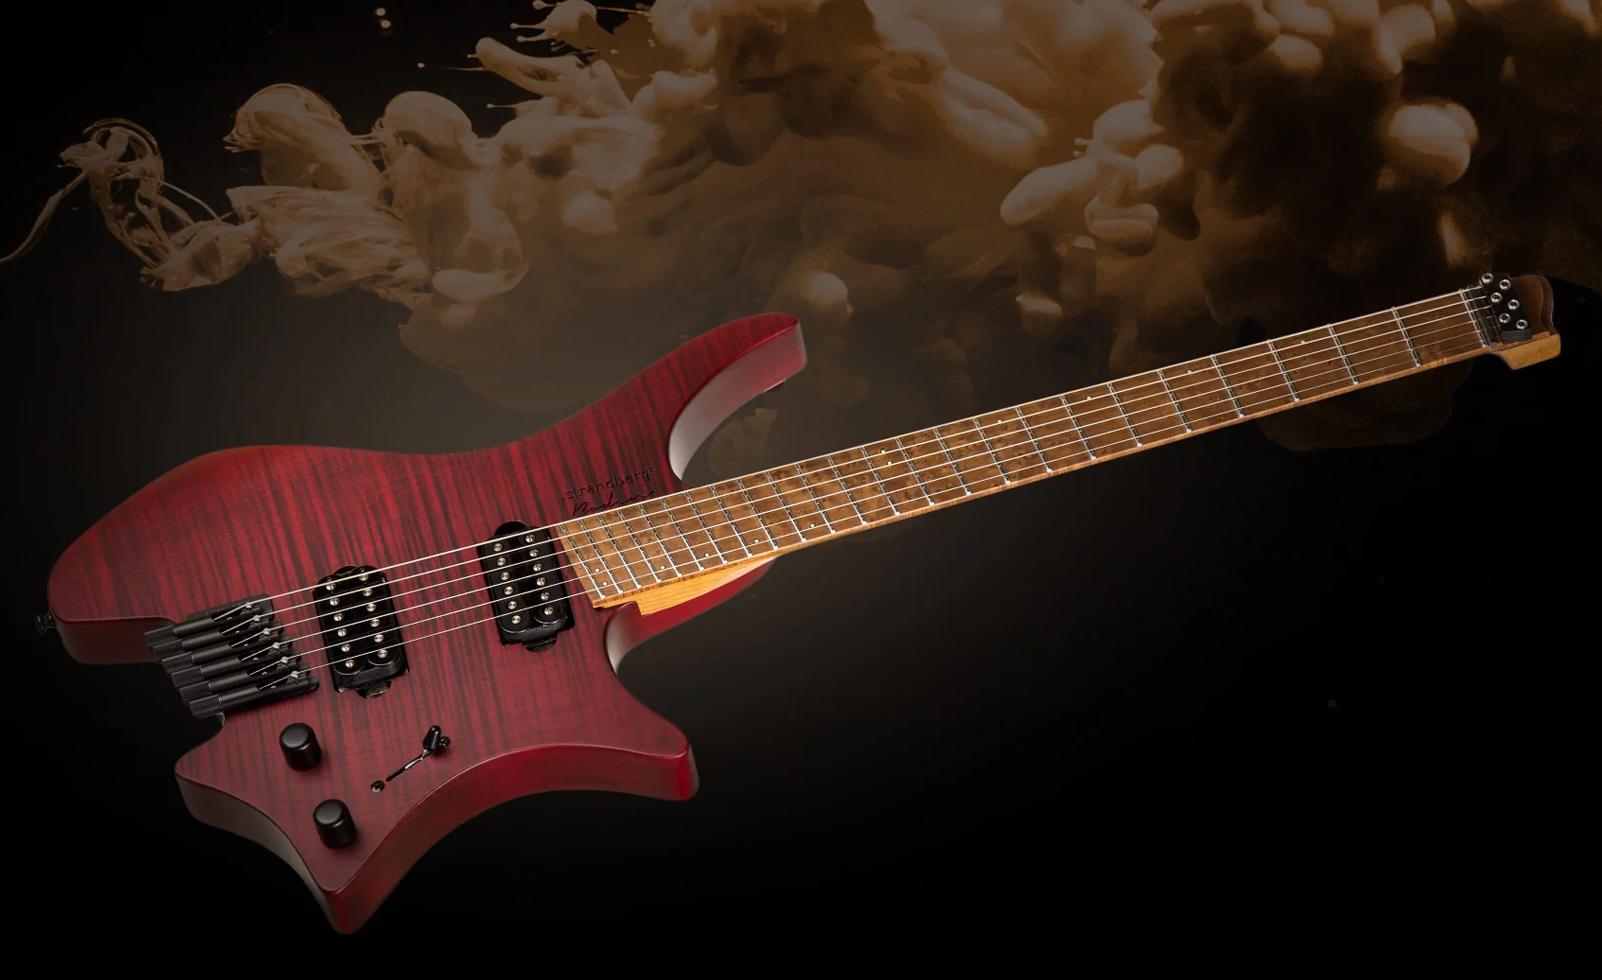 standberg headless guitars